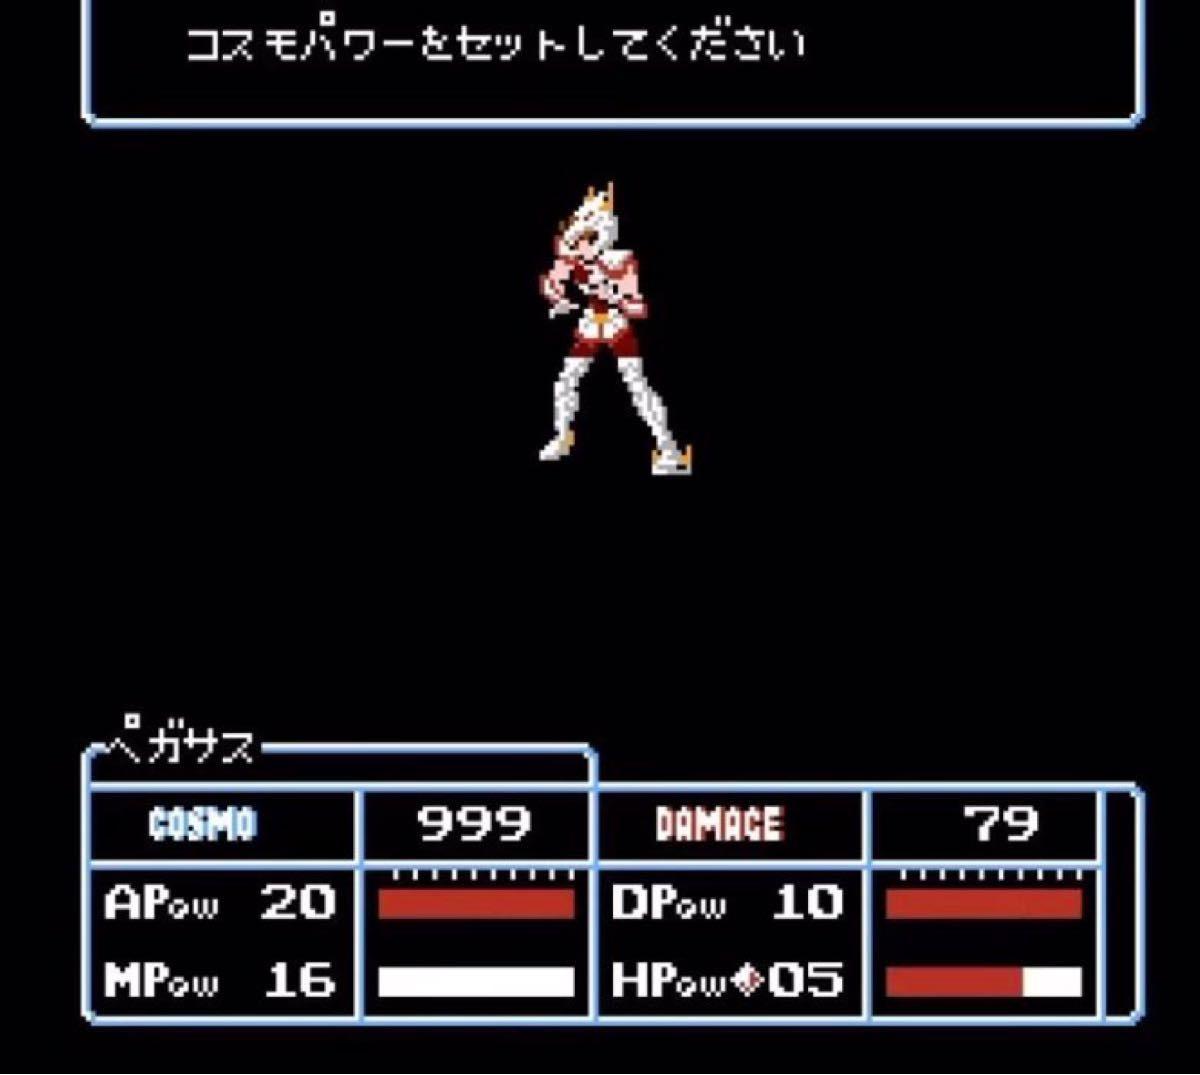 FC聖闘士星矢黄金伝説◆中古品箱説明書なし◆ファミコンソフト